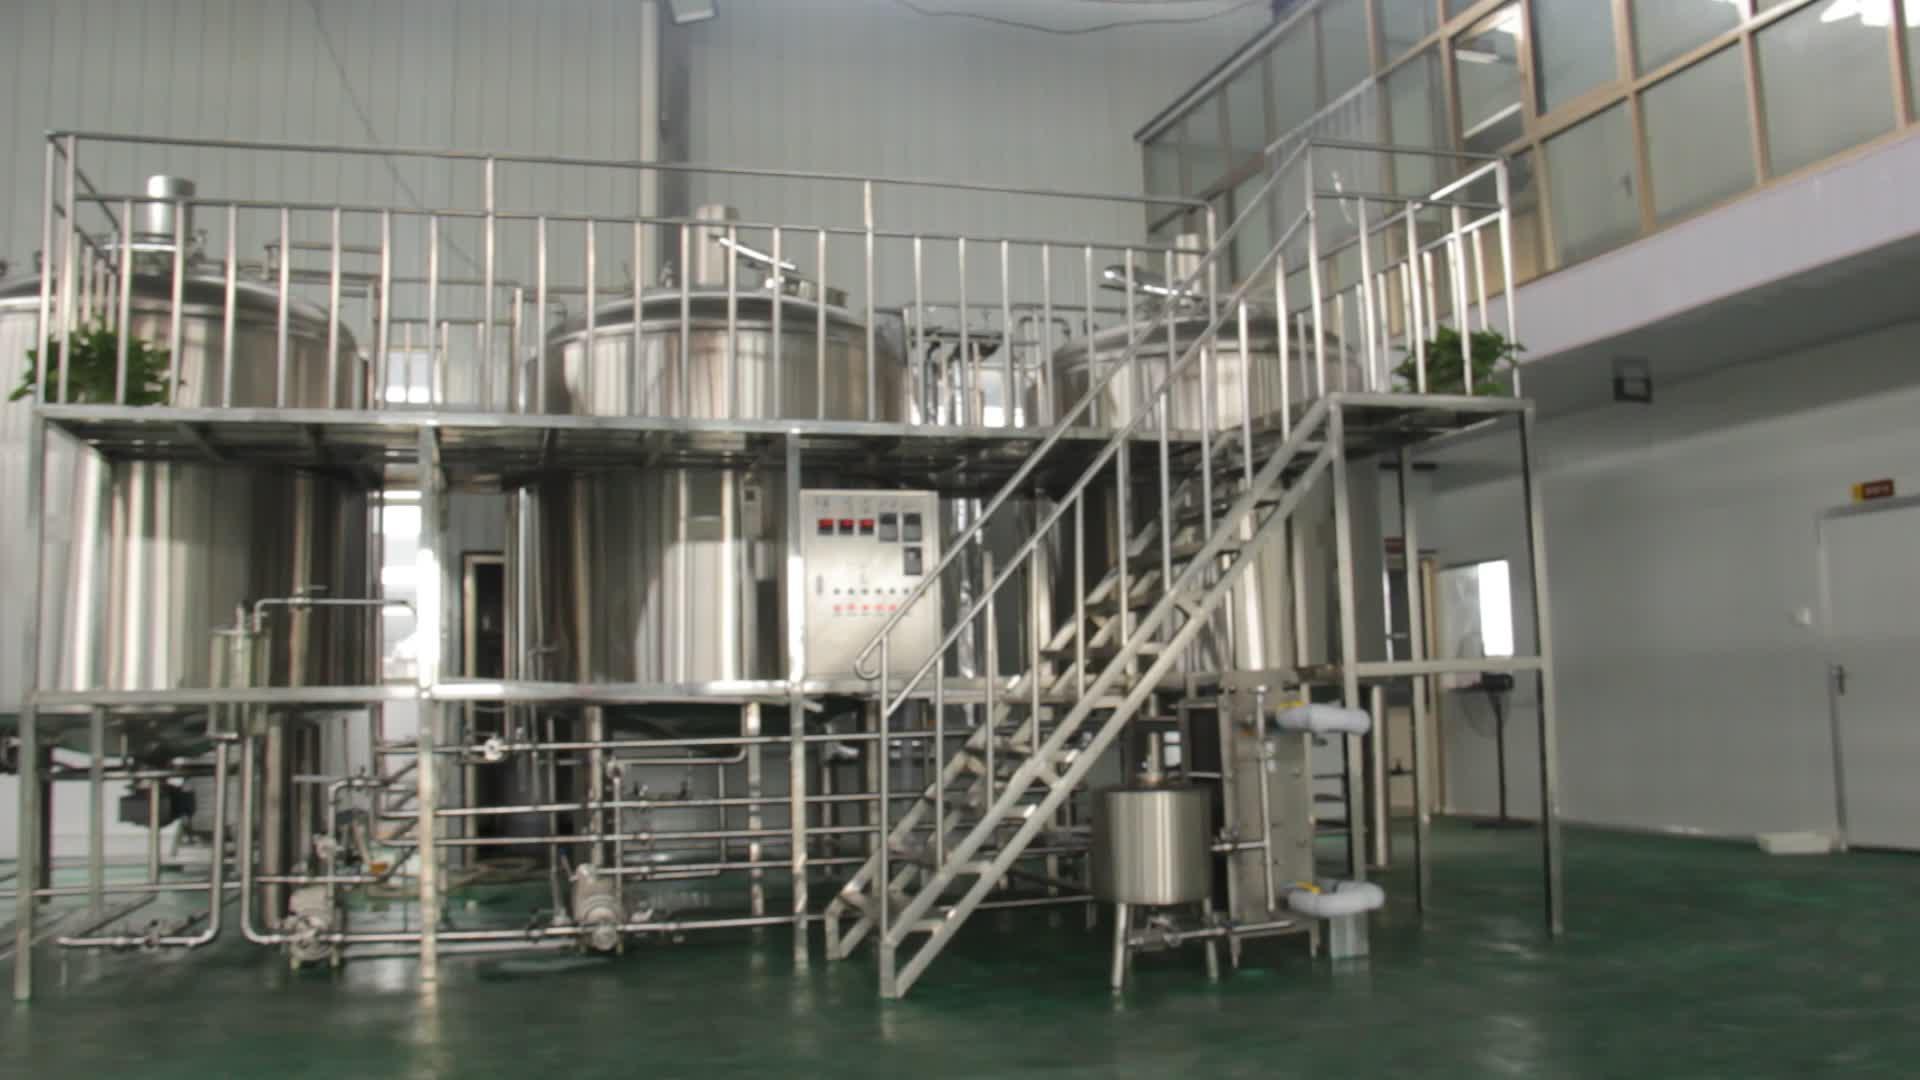 से बड़ा 1000 एल औद्योगिक शिल्प बियर पक उपकरण